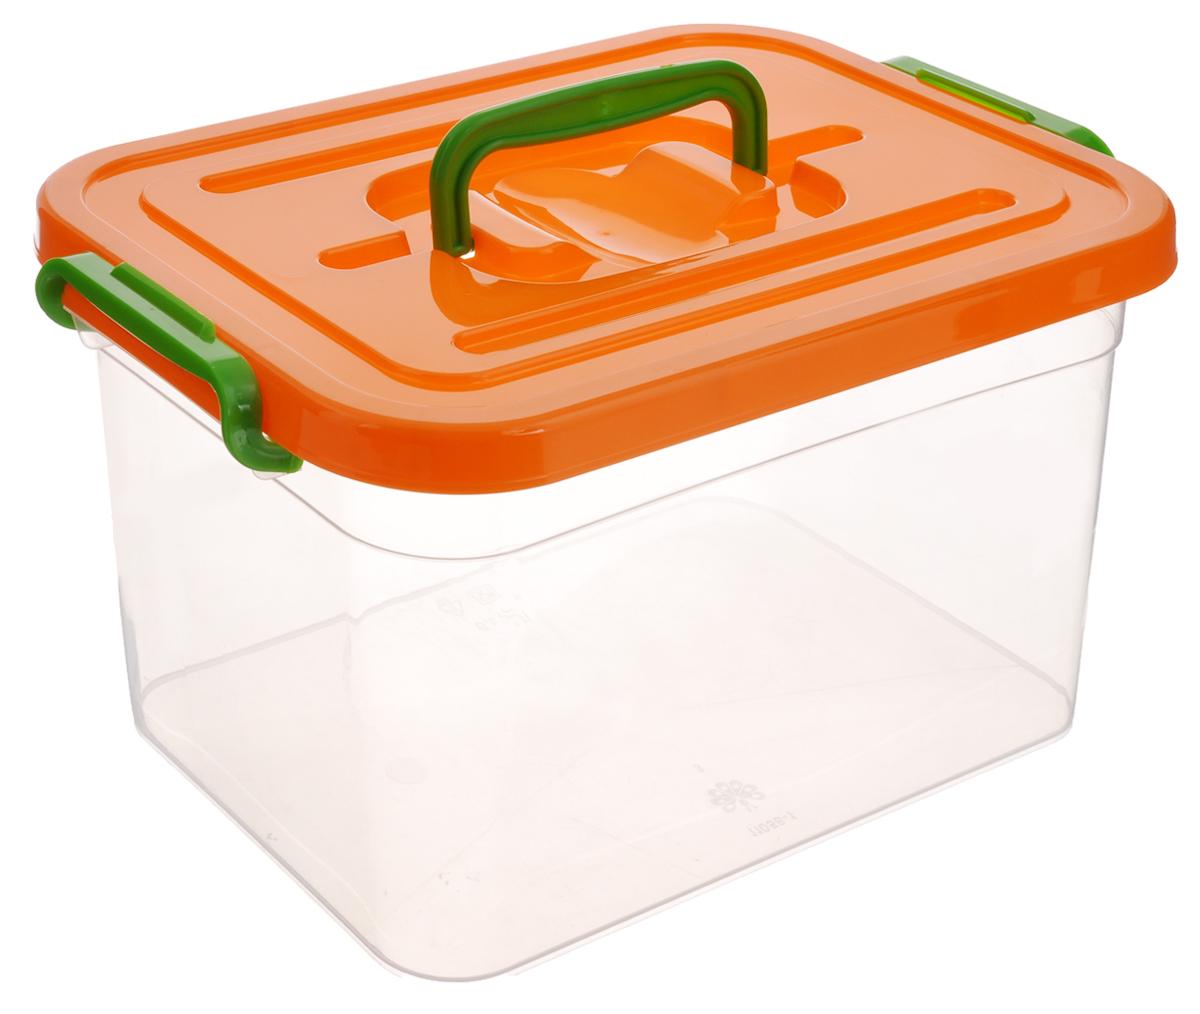 Контейнер для хранения Полимербыт, цвет: оранжевый, прозрачный, 6,5 л16050Контейнер для хранения Полимербыт, выполненный из высококачественного пищевого пластика, снабжен удобной ручкой и двумя пластиковыми фиксаторами по бокам, придающими дополнительную надежность закрывания крышки. Вместительный контейнер позволит сохранить вещи в порядке, а герметичная крышка предотвратит случайное открывание, а также защитит содержимое от пыли и грязи.